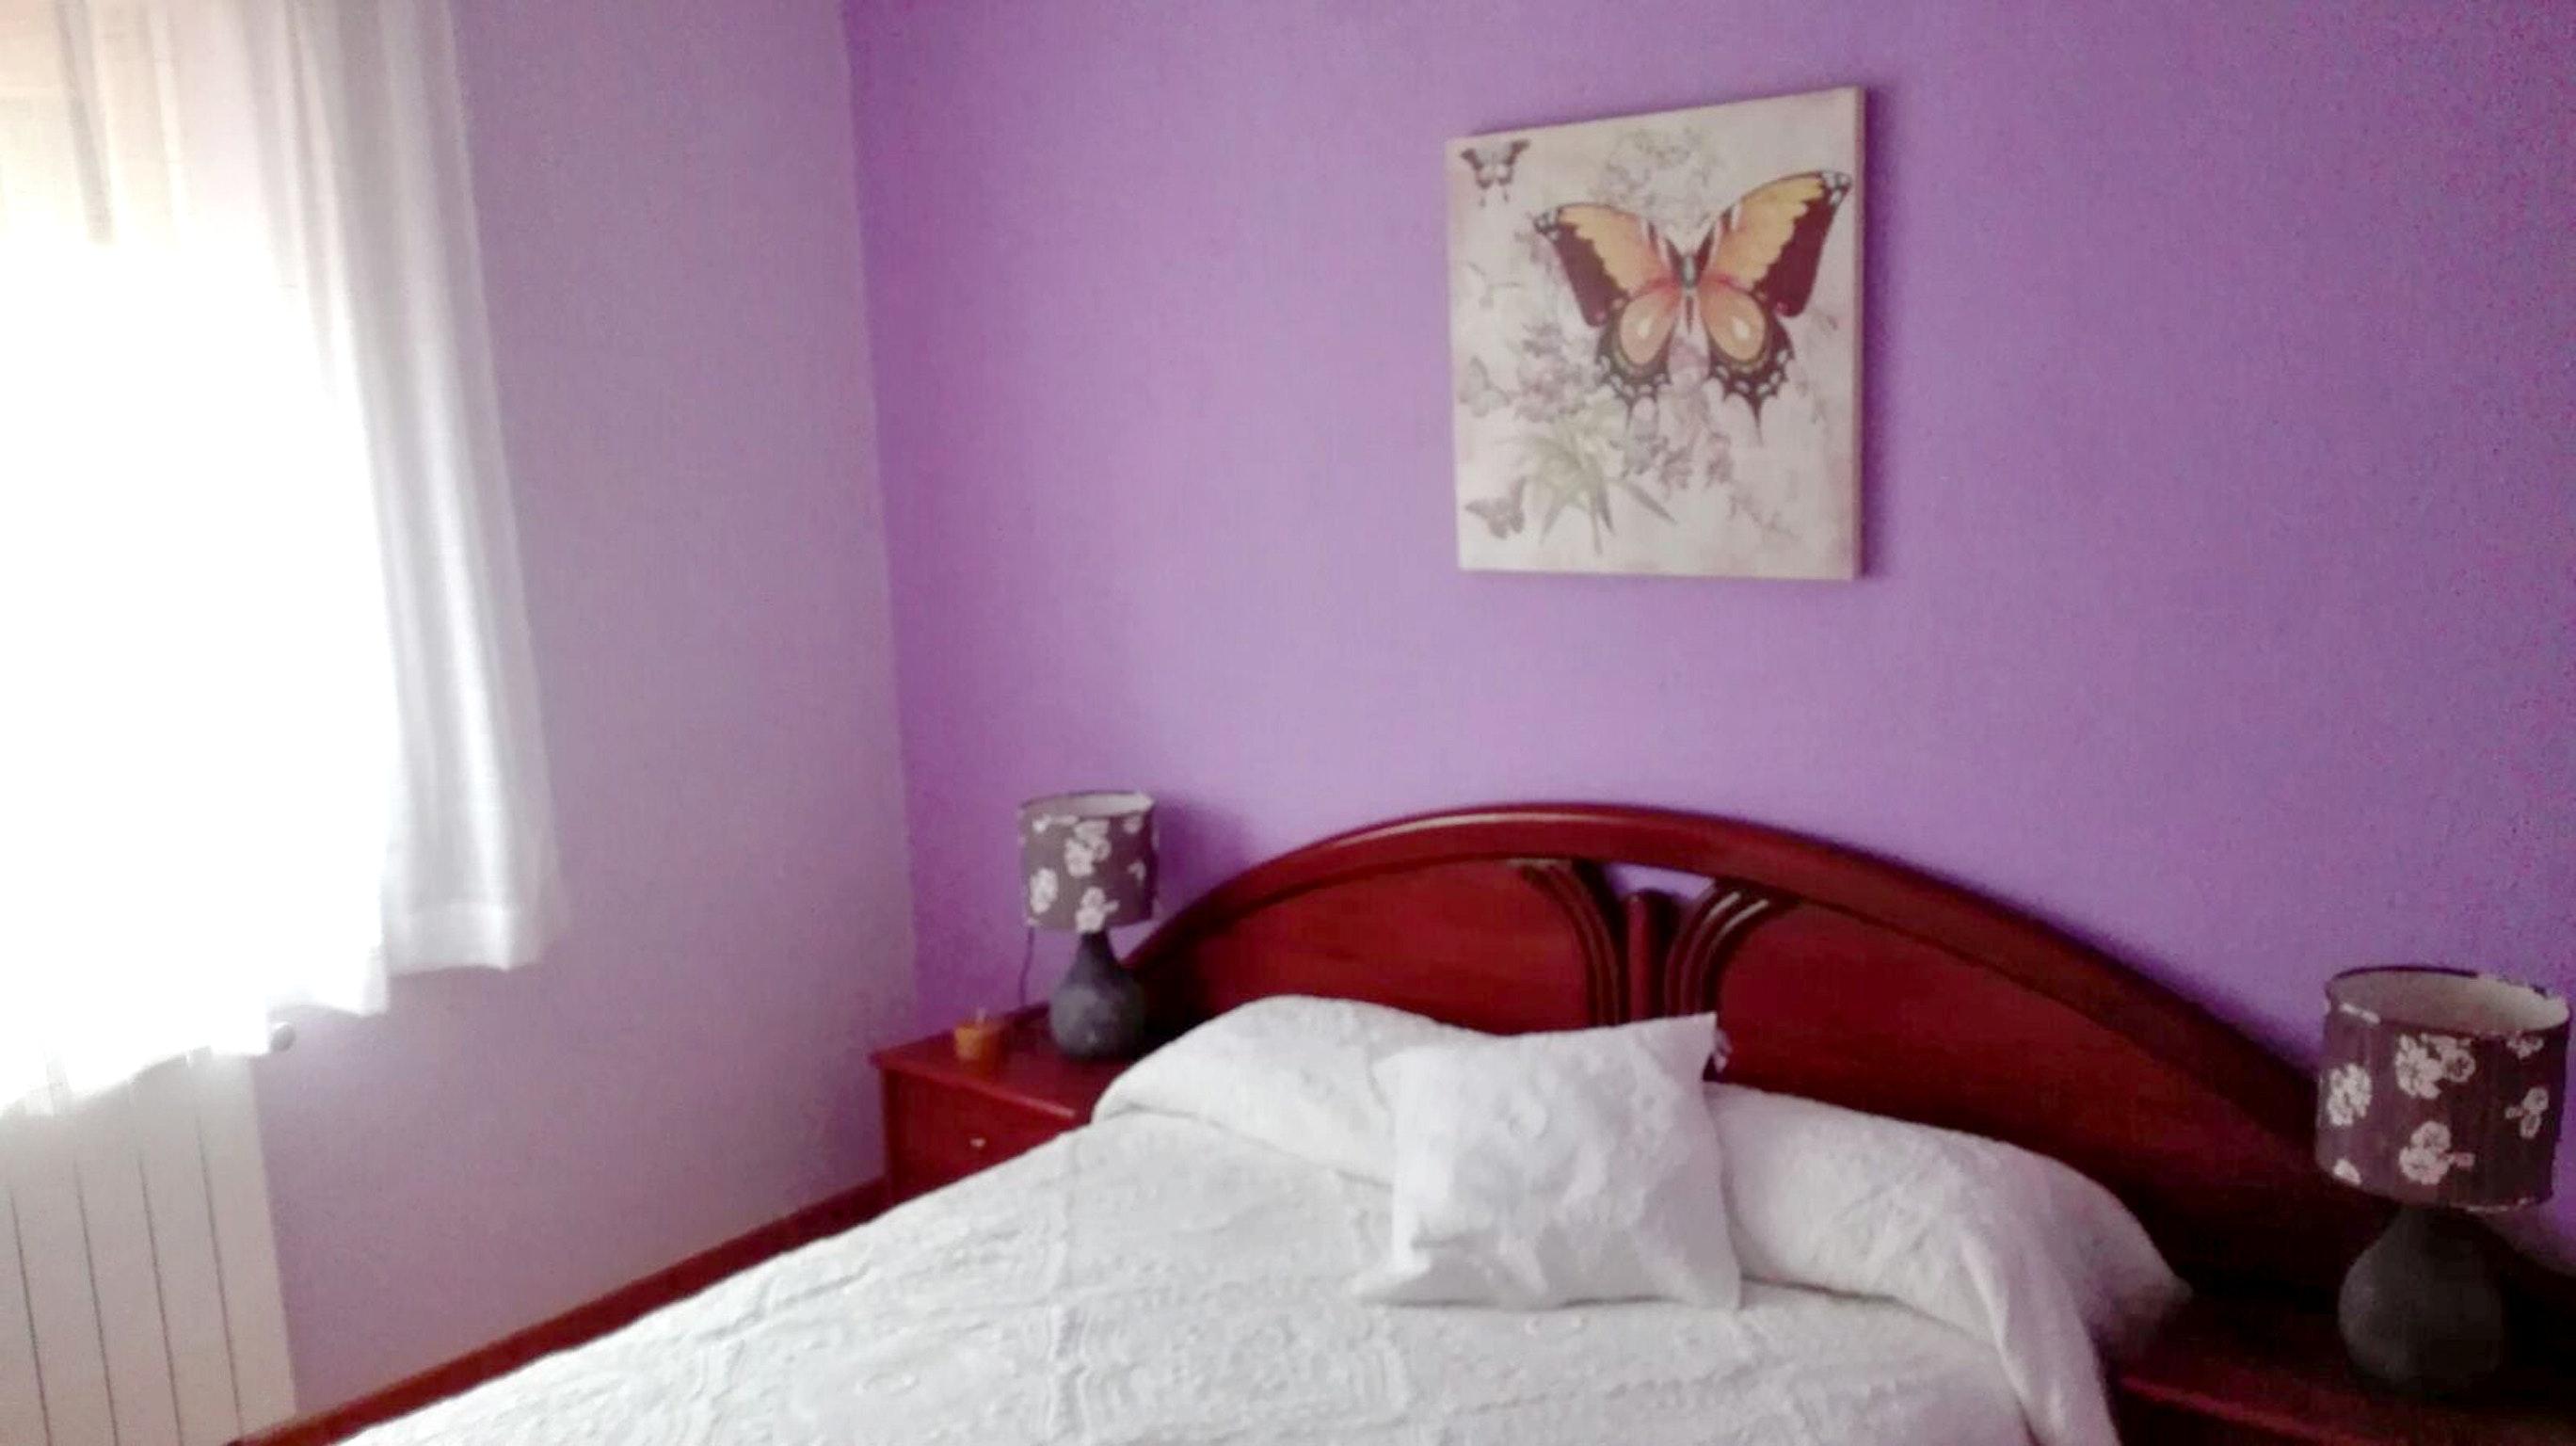 Ferienhaus Haus mit 3 Schlafzimmern in Peral de Arlanza mit eingezäuntem Garten (2201640), Peral de Arlanza, Palencia, Kastilien-León, Spanien, Bild 8